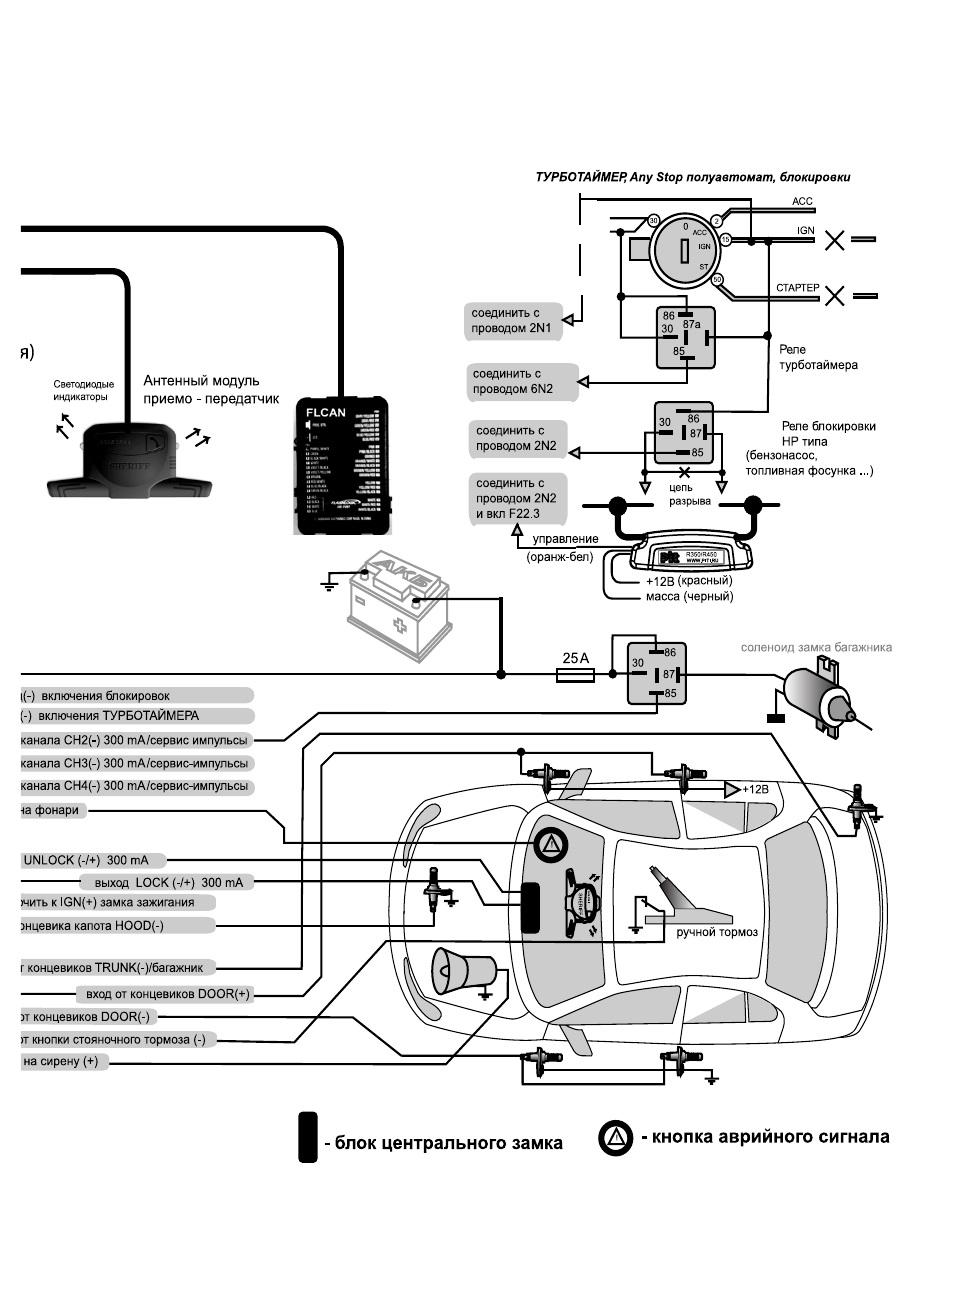 Страница 34/54] инструкция: автосигнализация sheriff zx-755.